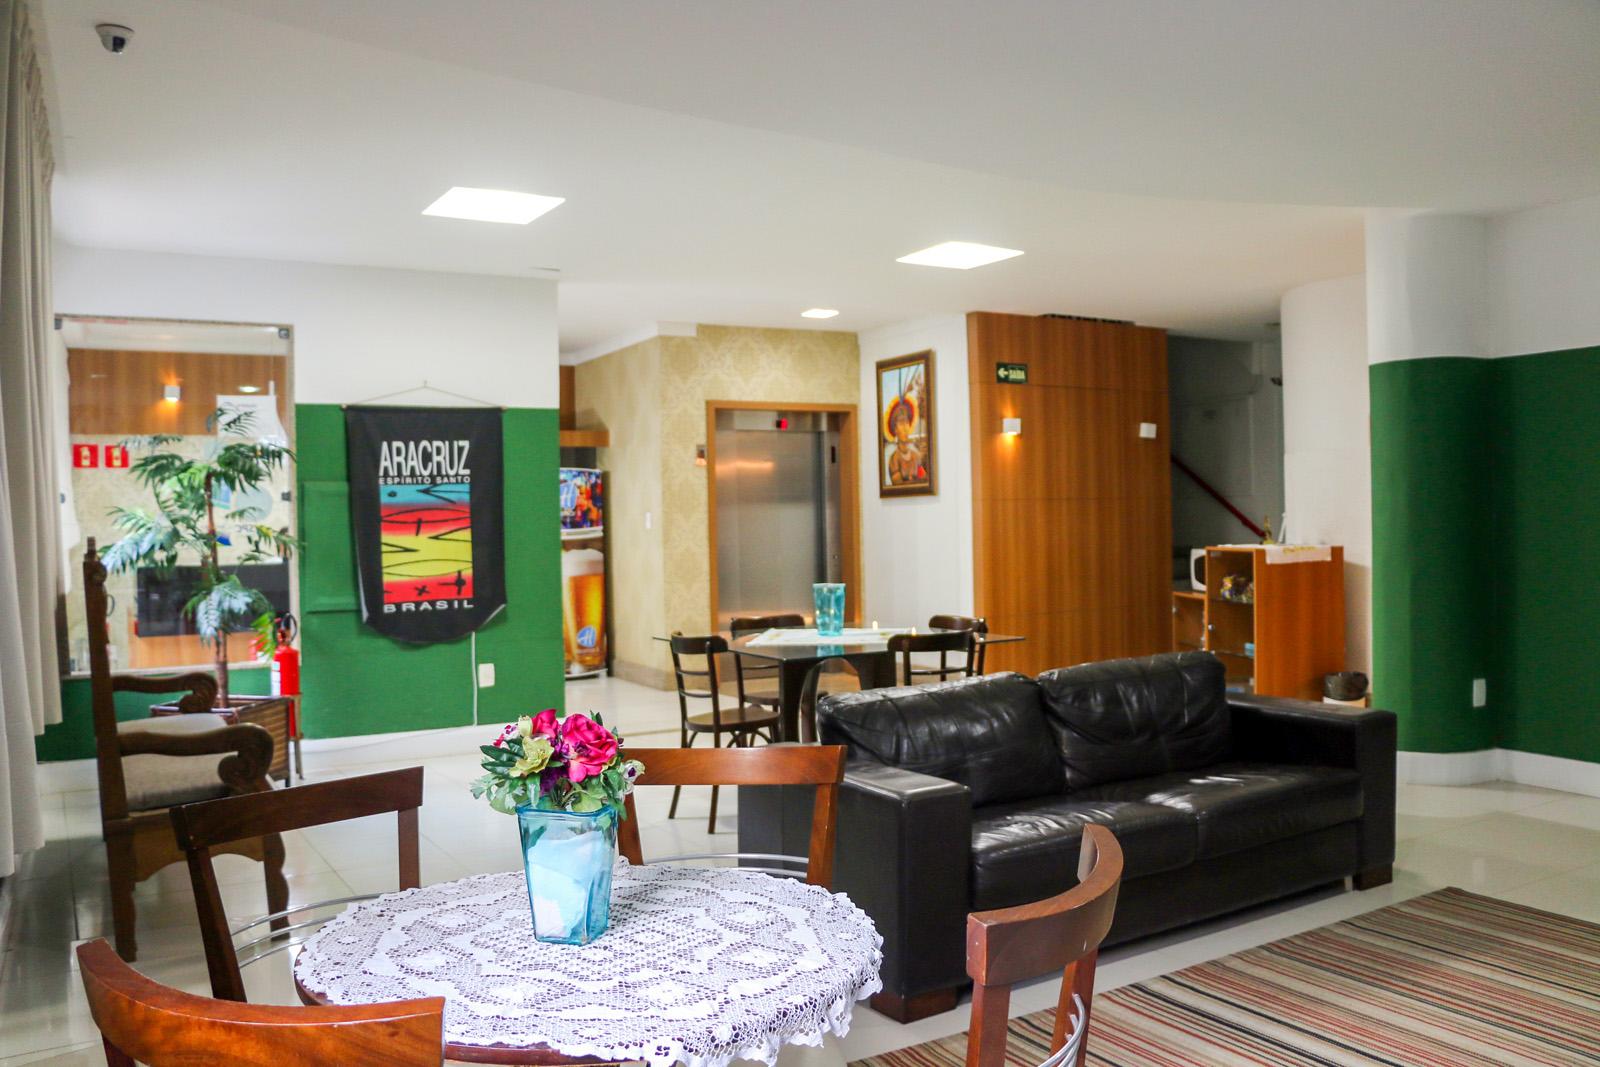 hotel iramar aracruz apartamento luxo